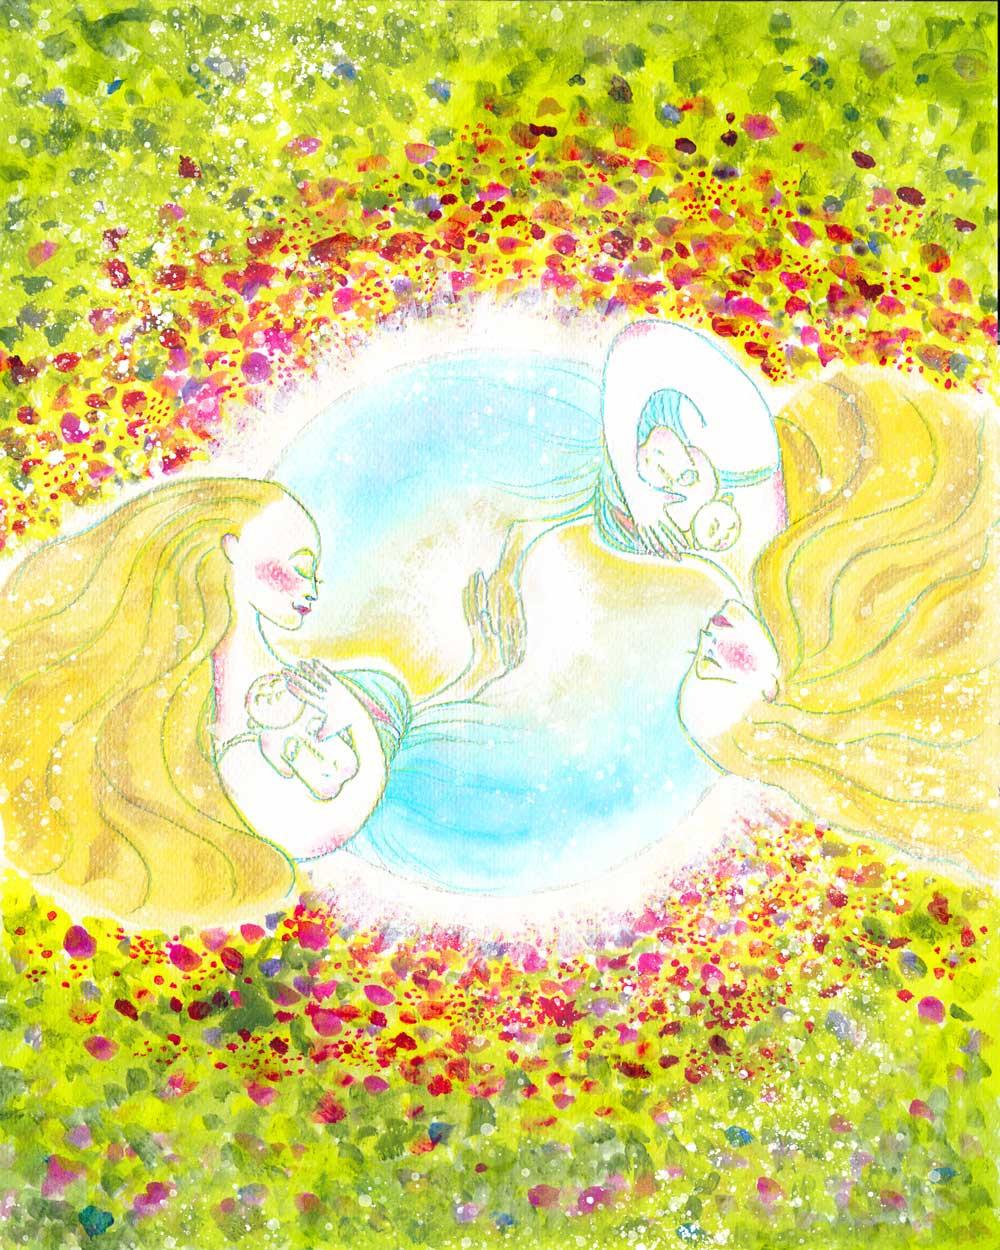 スピリチュアルアート「調和する世界へ」